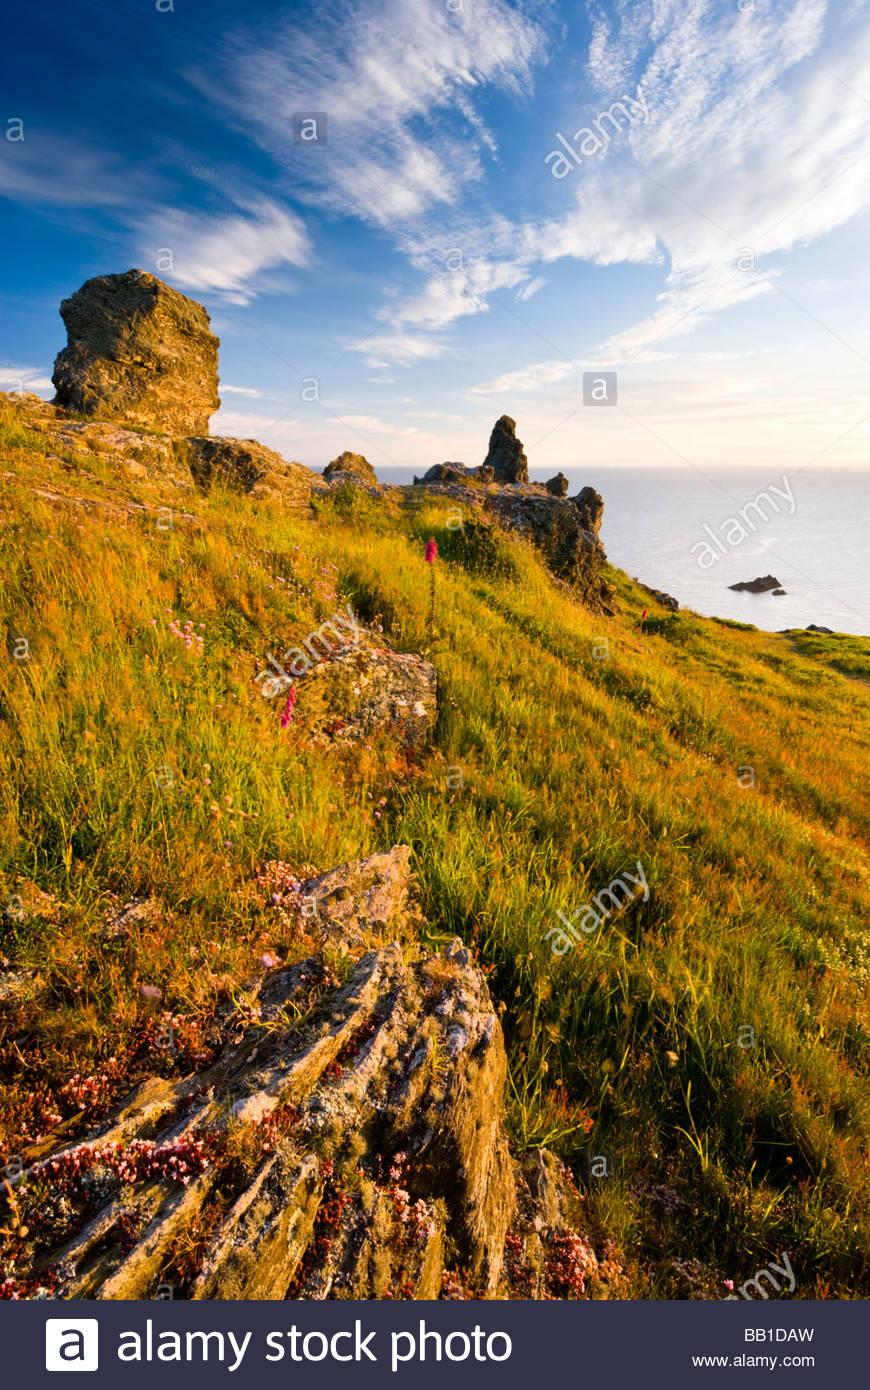 Rochers sur la côte près de Soar Mill Cove, South Hams, Devon, Angleterre du Sud. Photo Stock